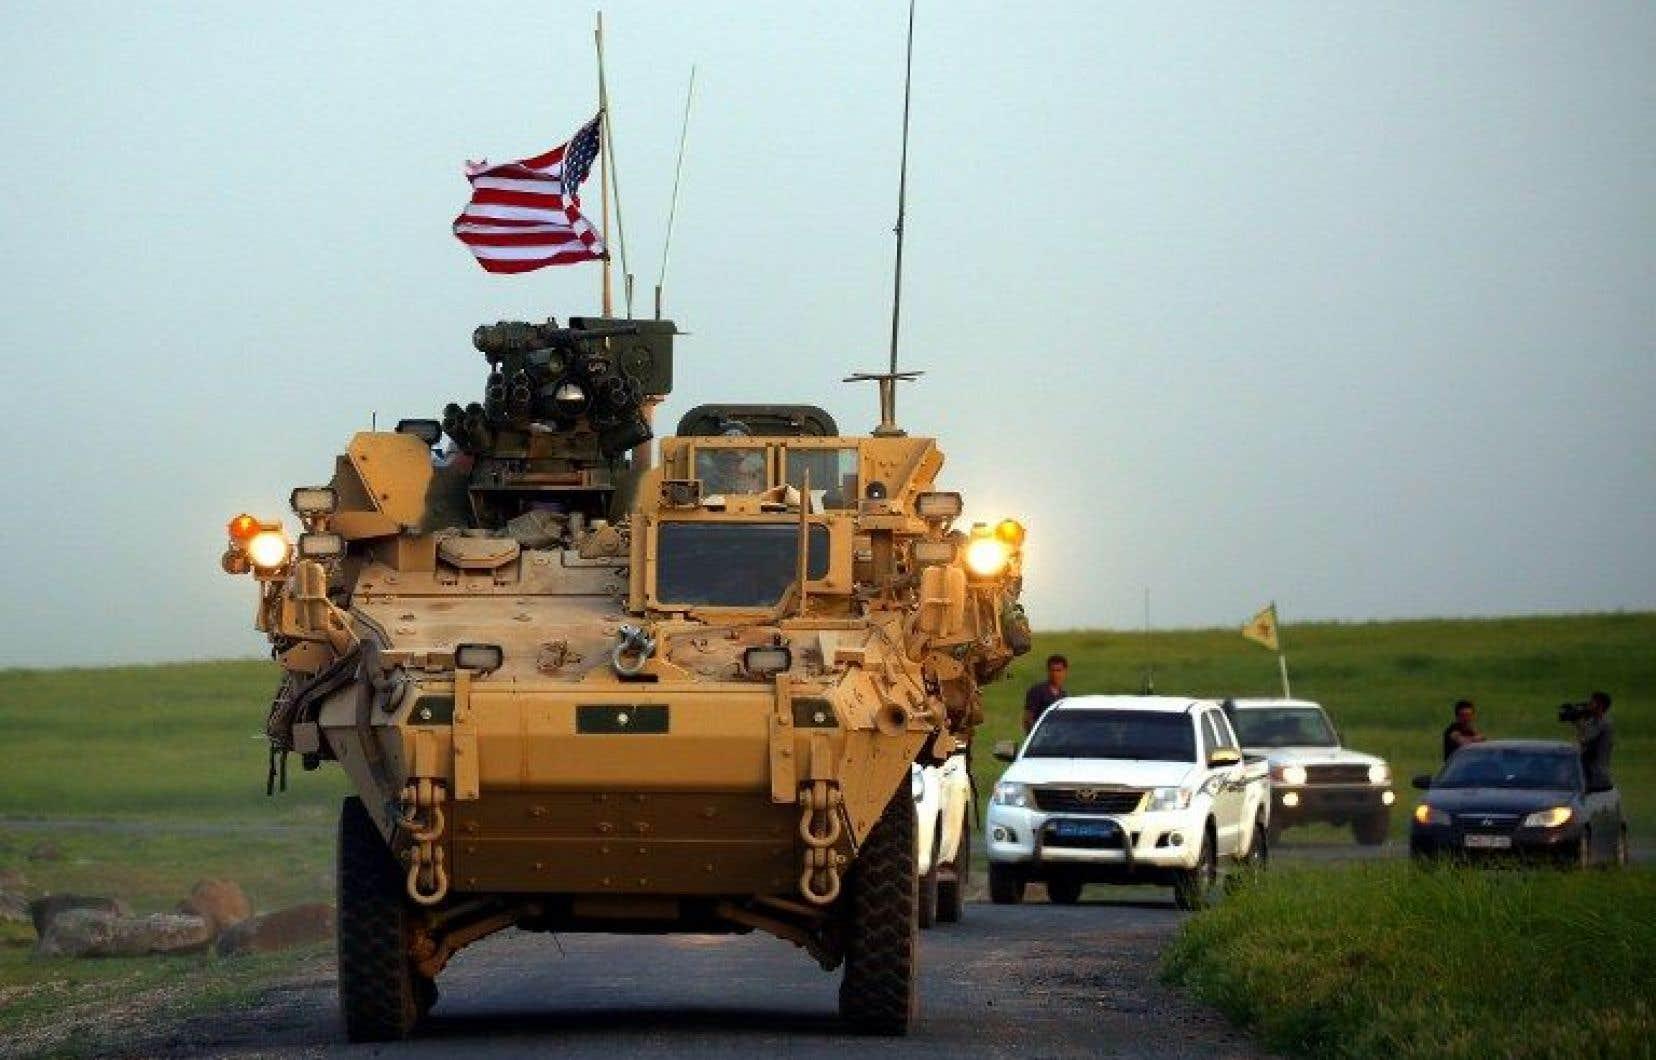 Les États-Unis ont envoyé des véhicules militaires en Syrie pour effectuer des patrouilles avec des membres des milices kurdes.